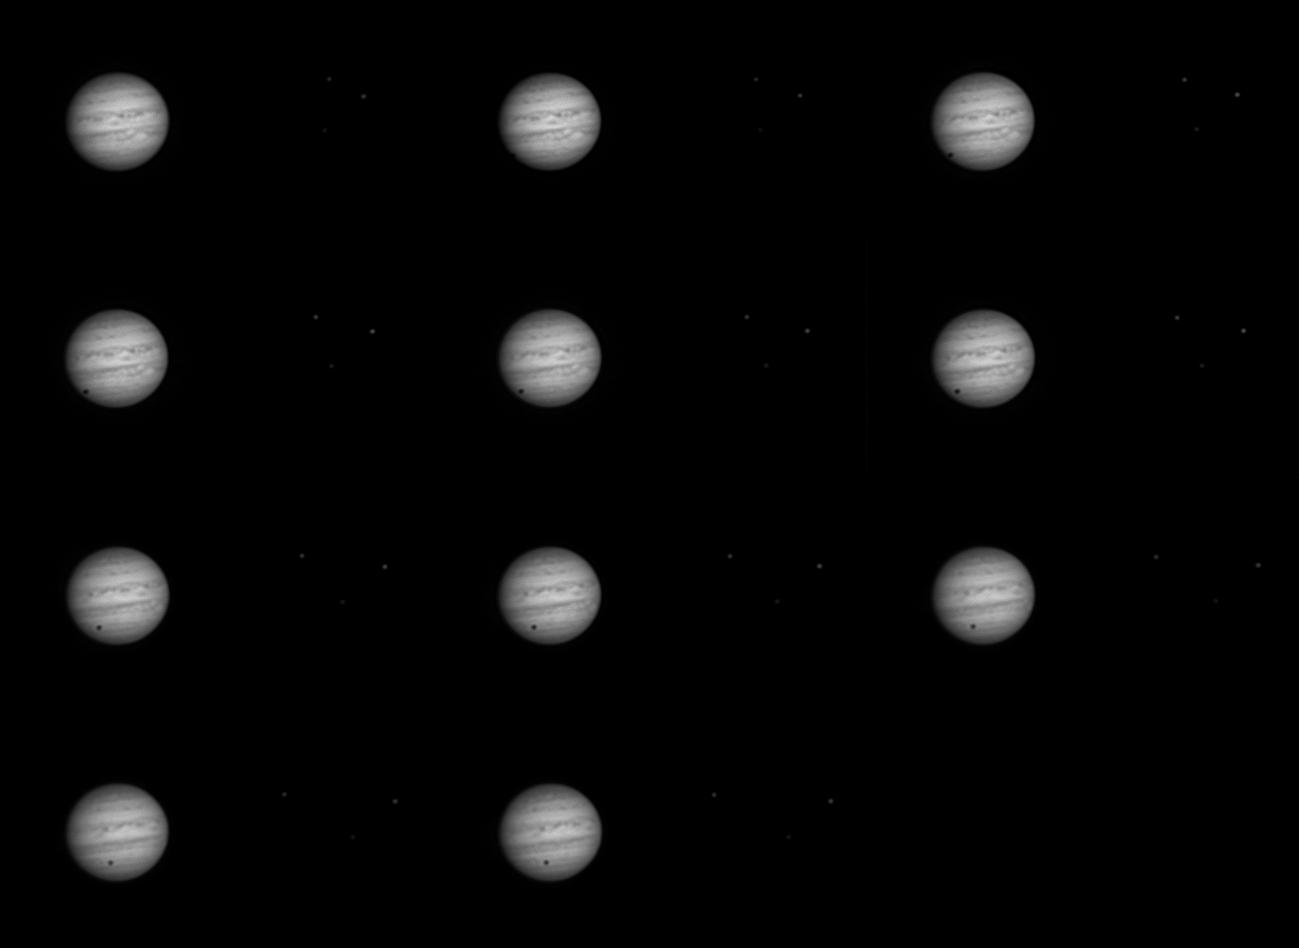 jupiter-callisto_arnyek-2014-03-11-ttk-all